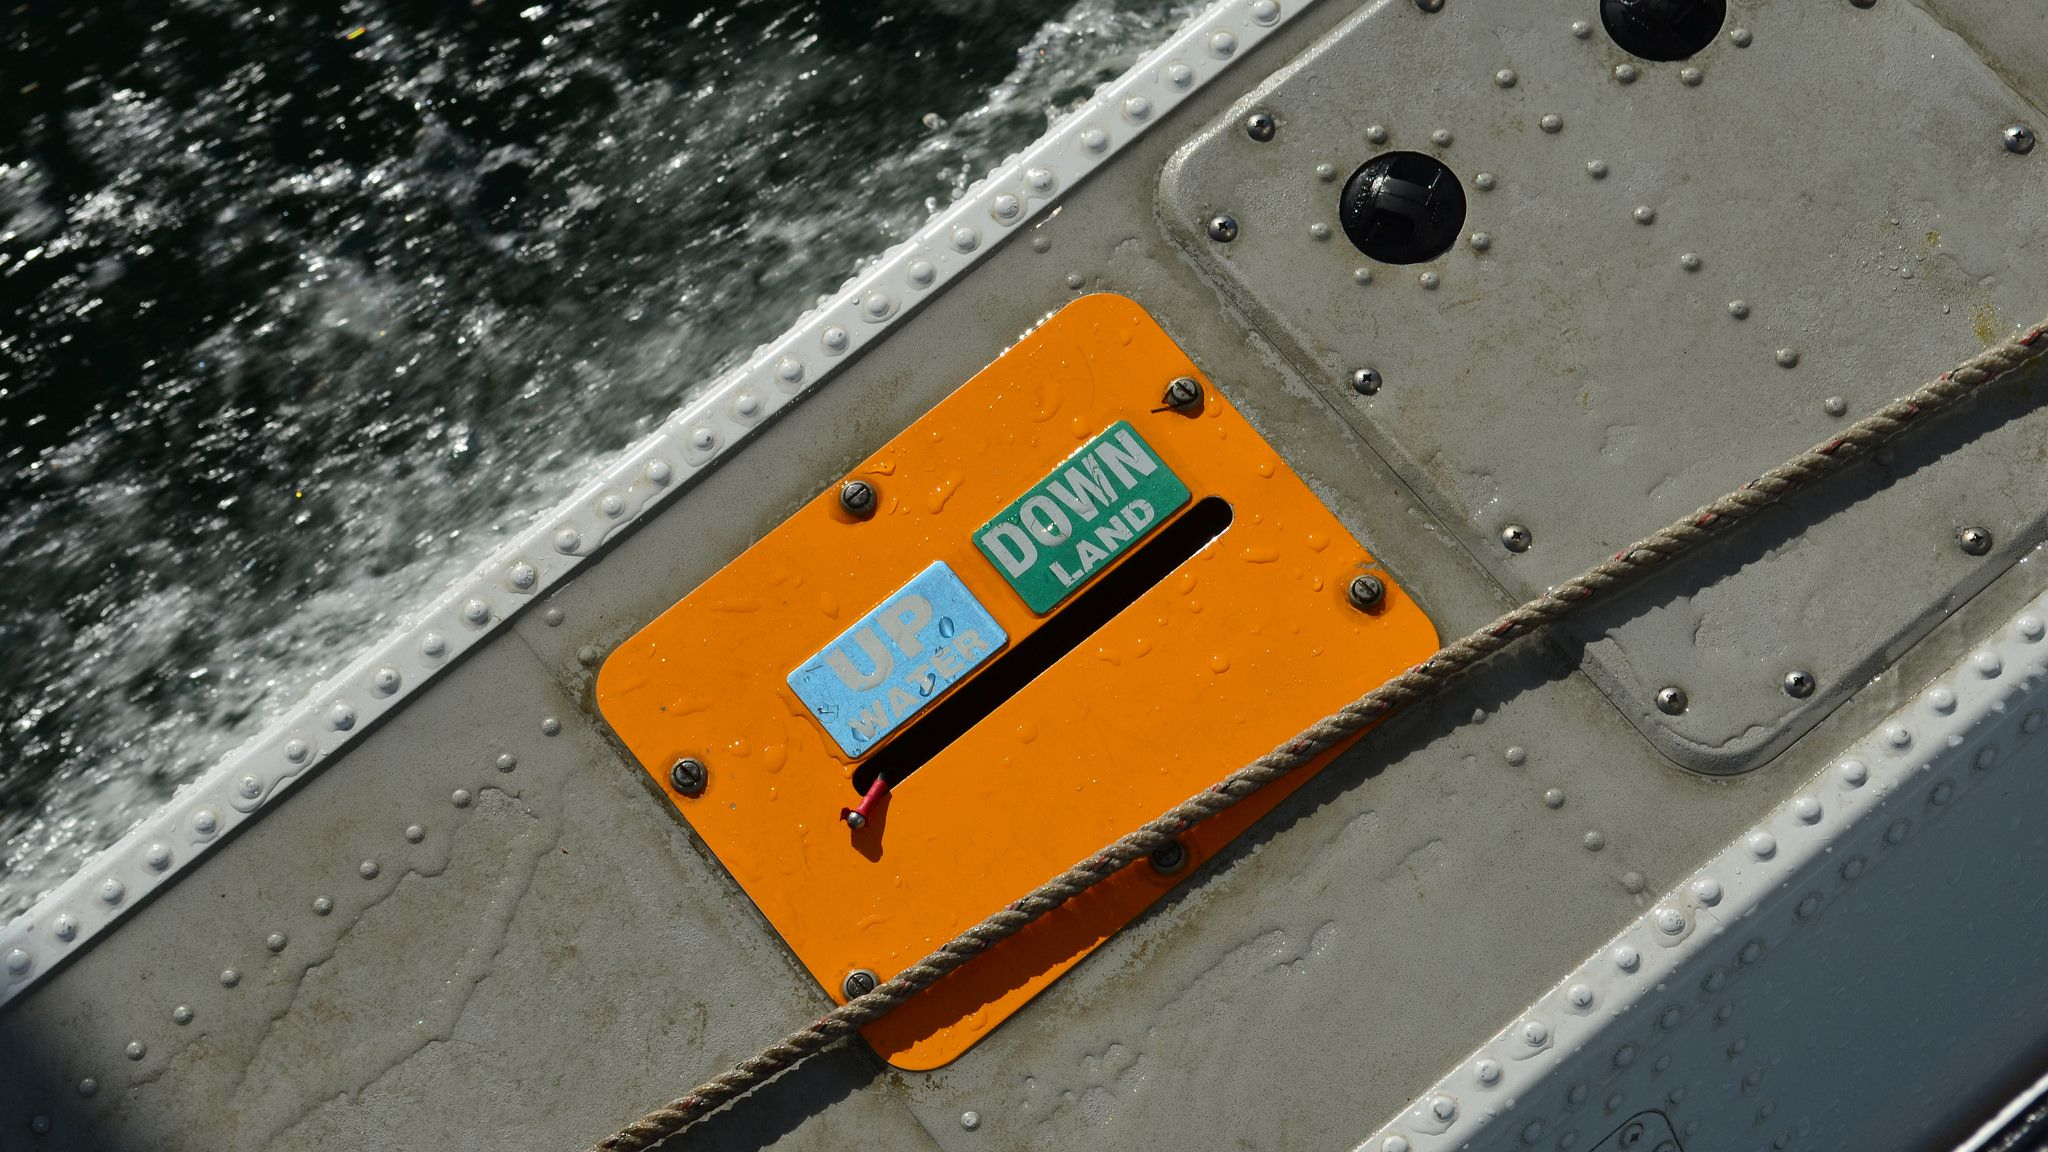 https://flic.kr/p/Gwp1YE | Floats in the Baltic Sea | Ein Schwimmer vom #Wasserflugzeug auf der Flensburger Förde.